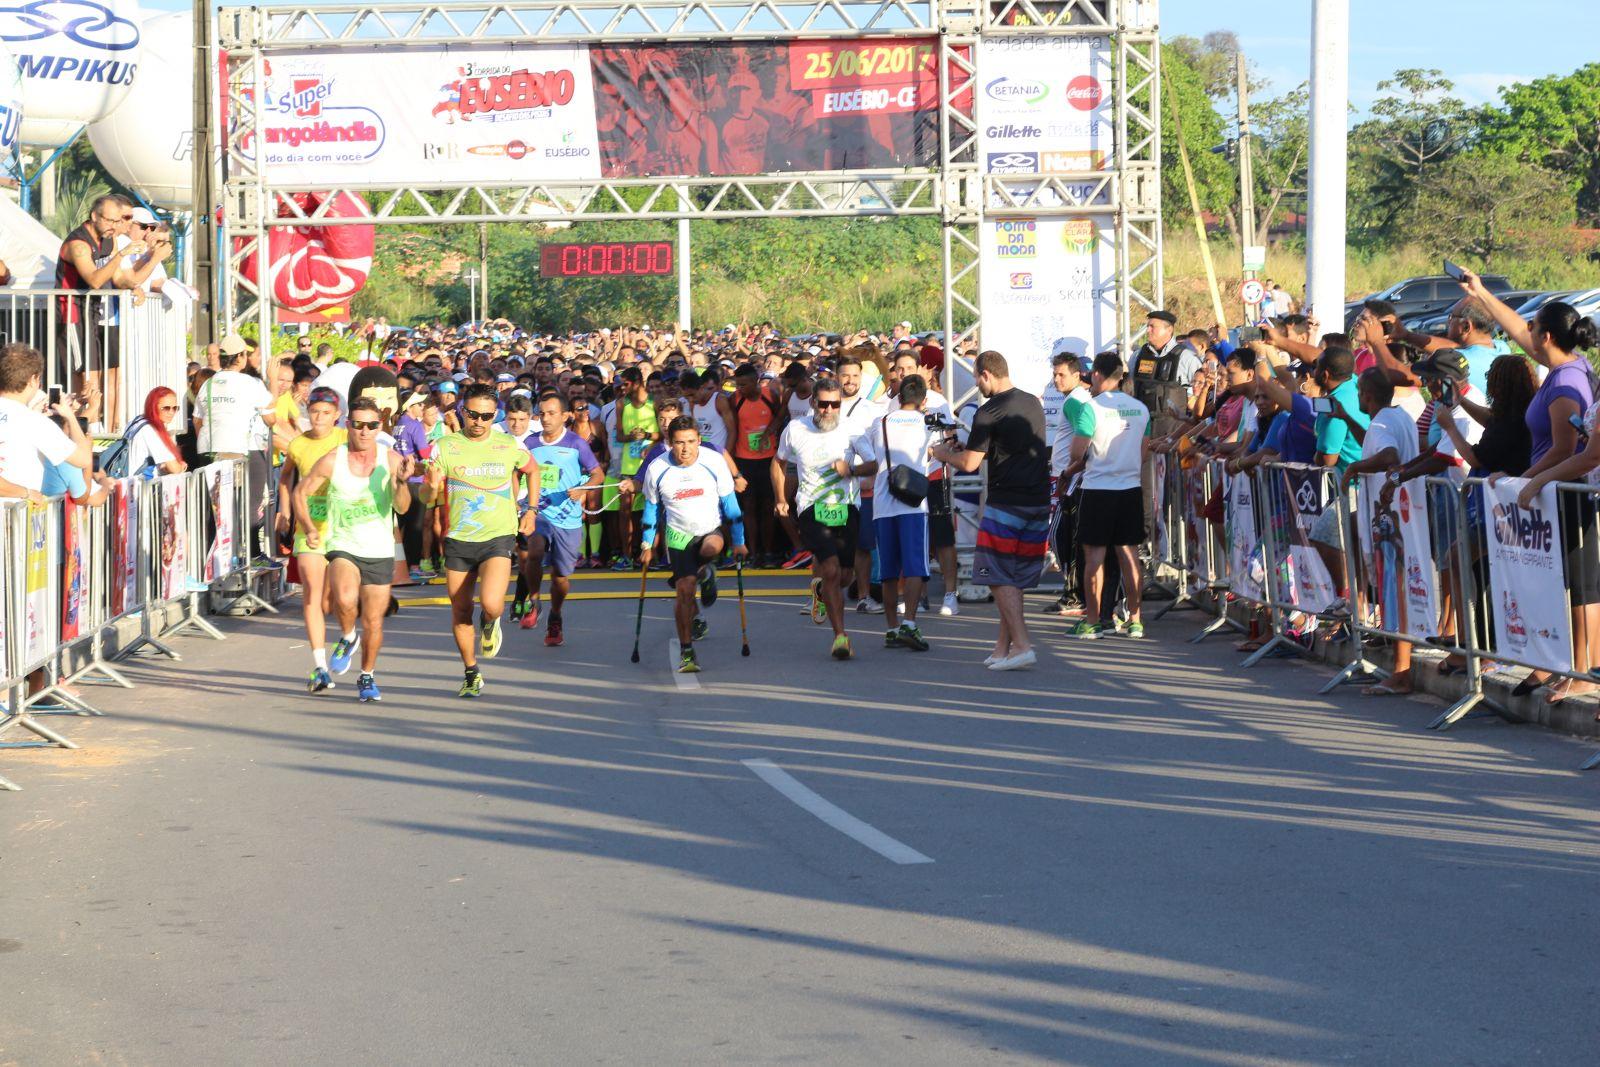 Terceira corrida do Eusébio tem mais de 4 mil competidores